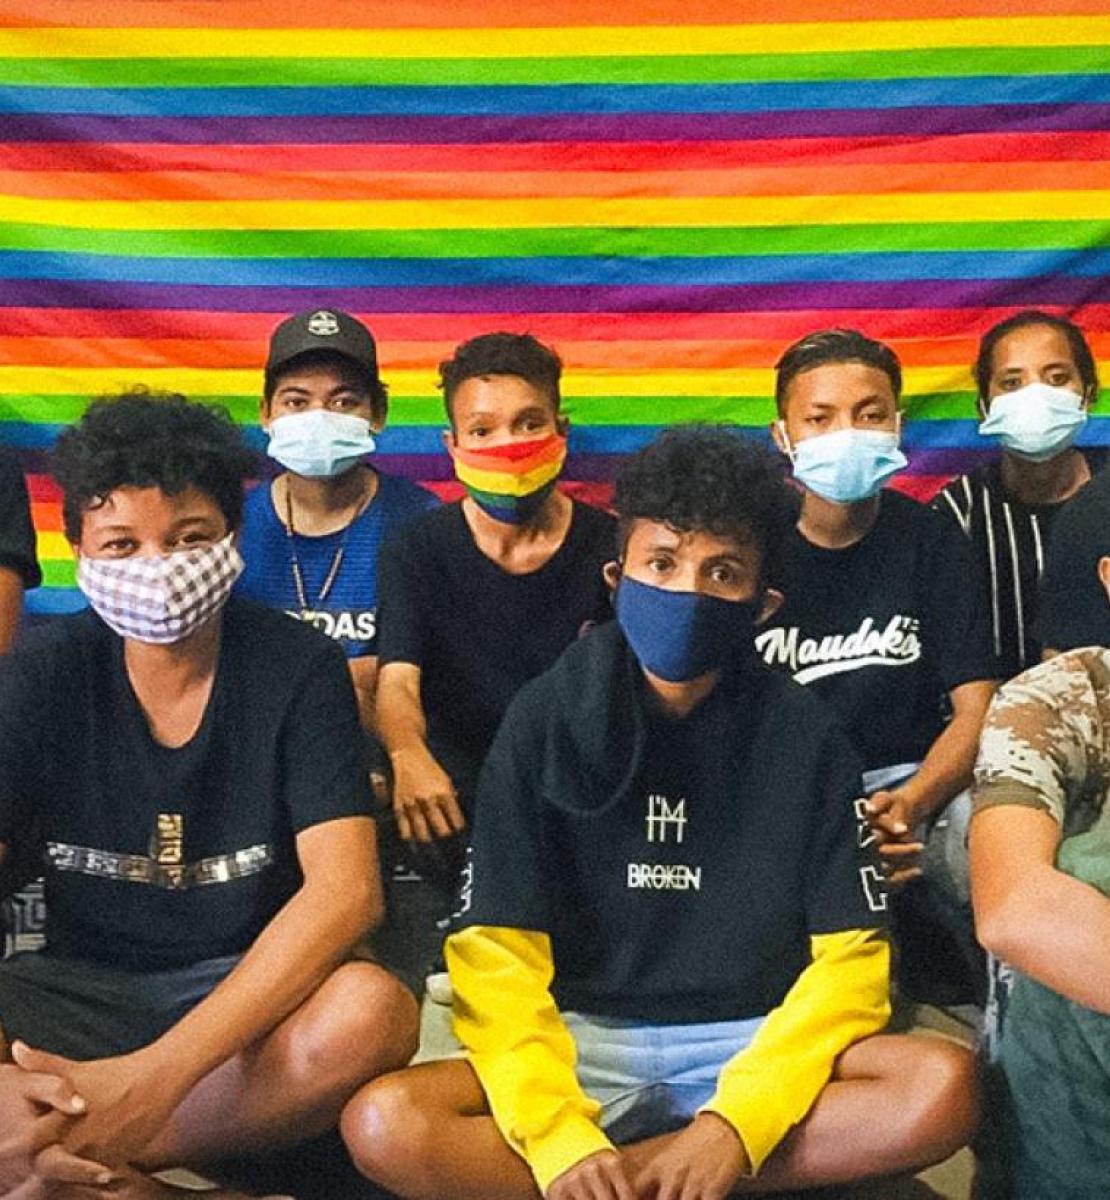 مجموعة من الشباب يرتدون كمامات يجلسون أمام علم بألوان قوس قزح.